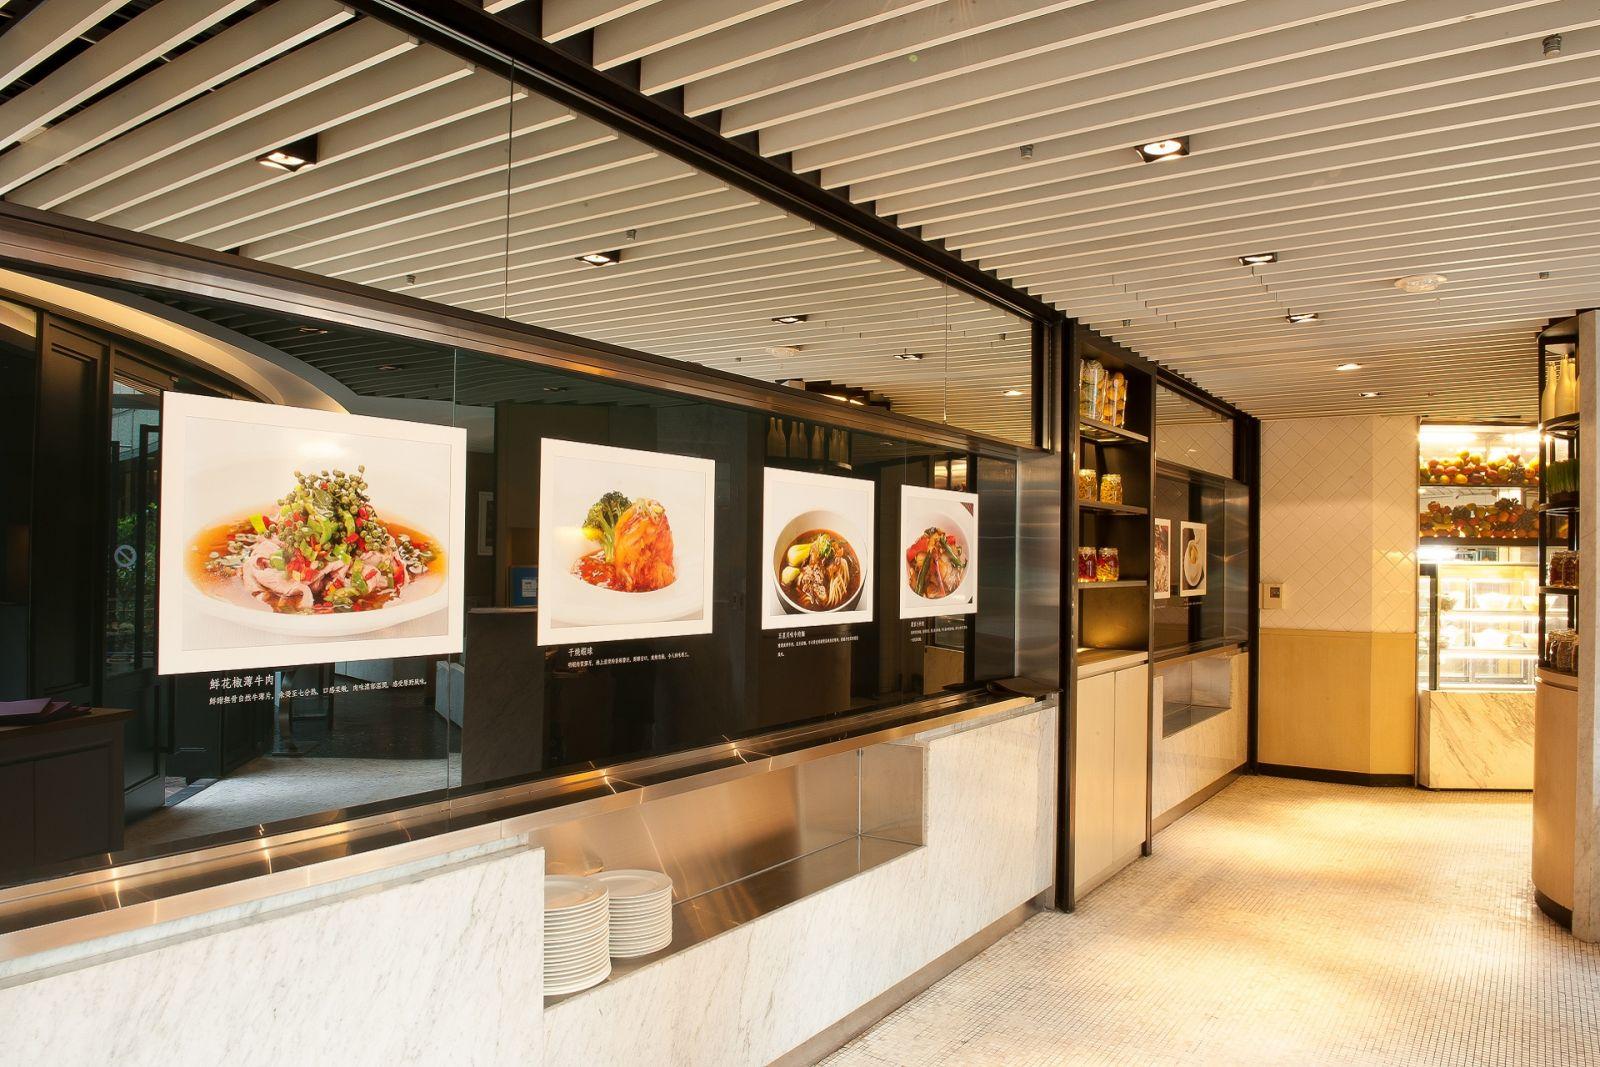 天母川菜廳